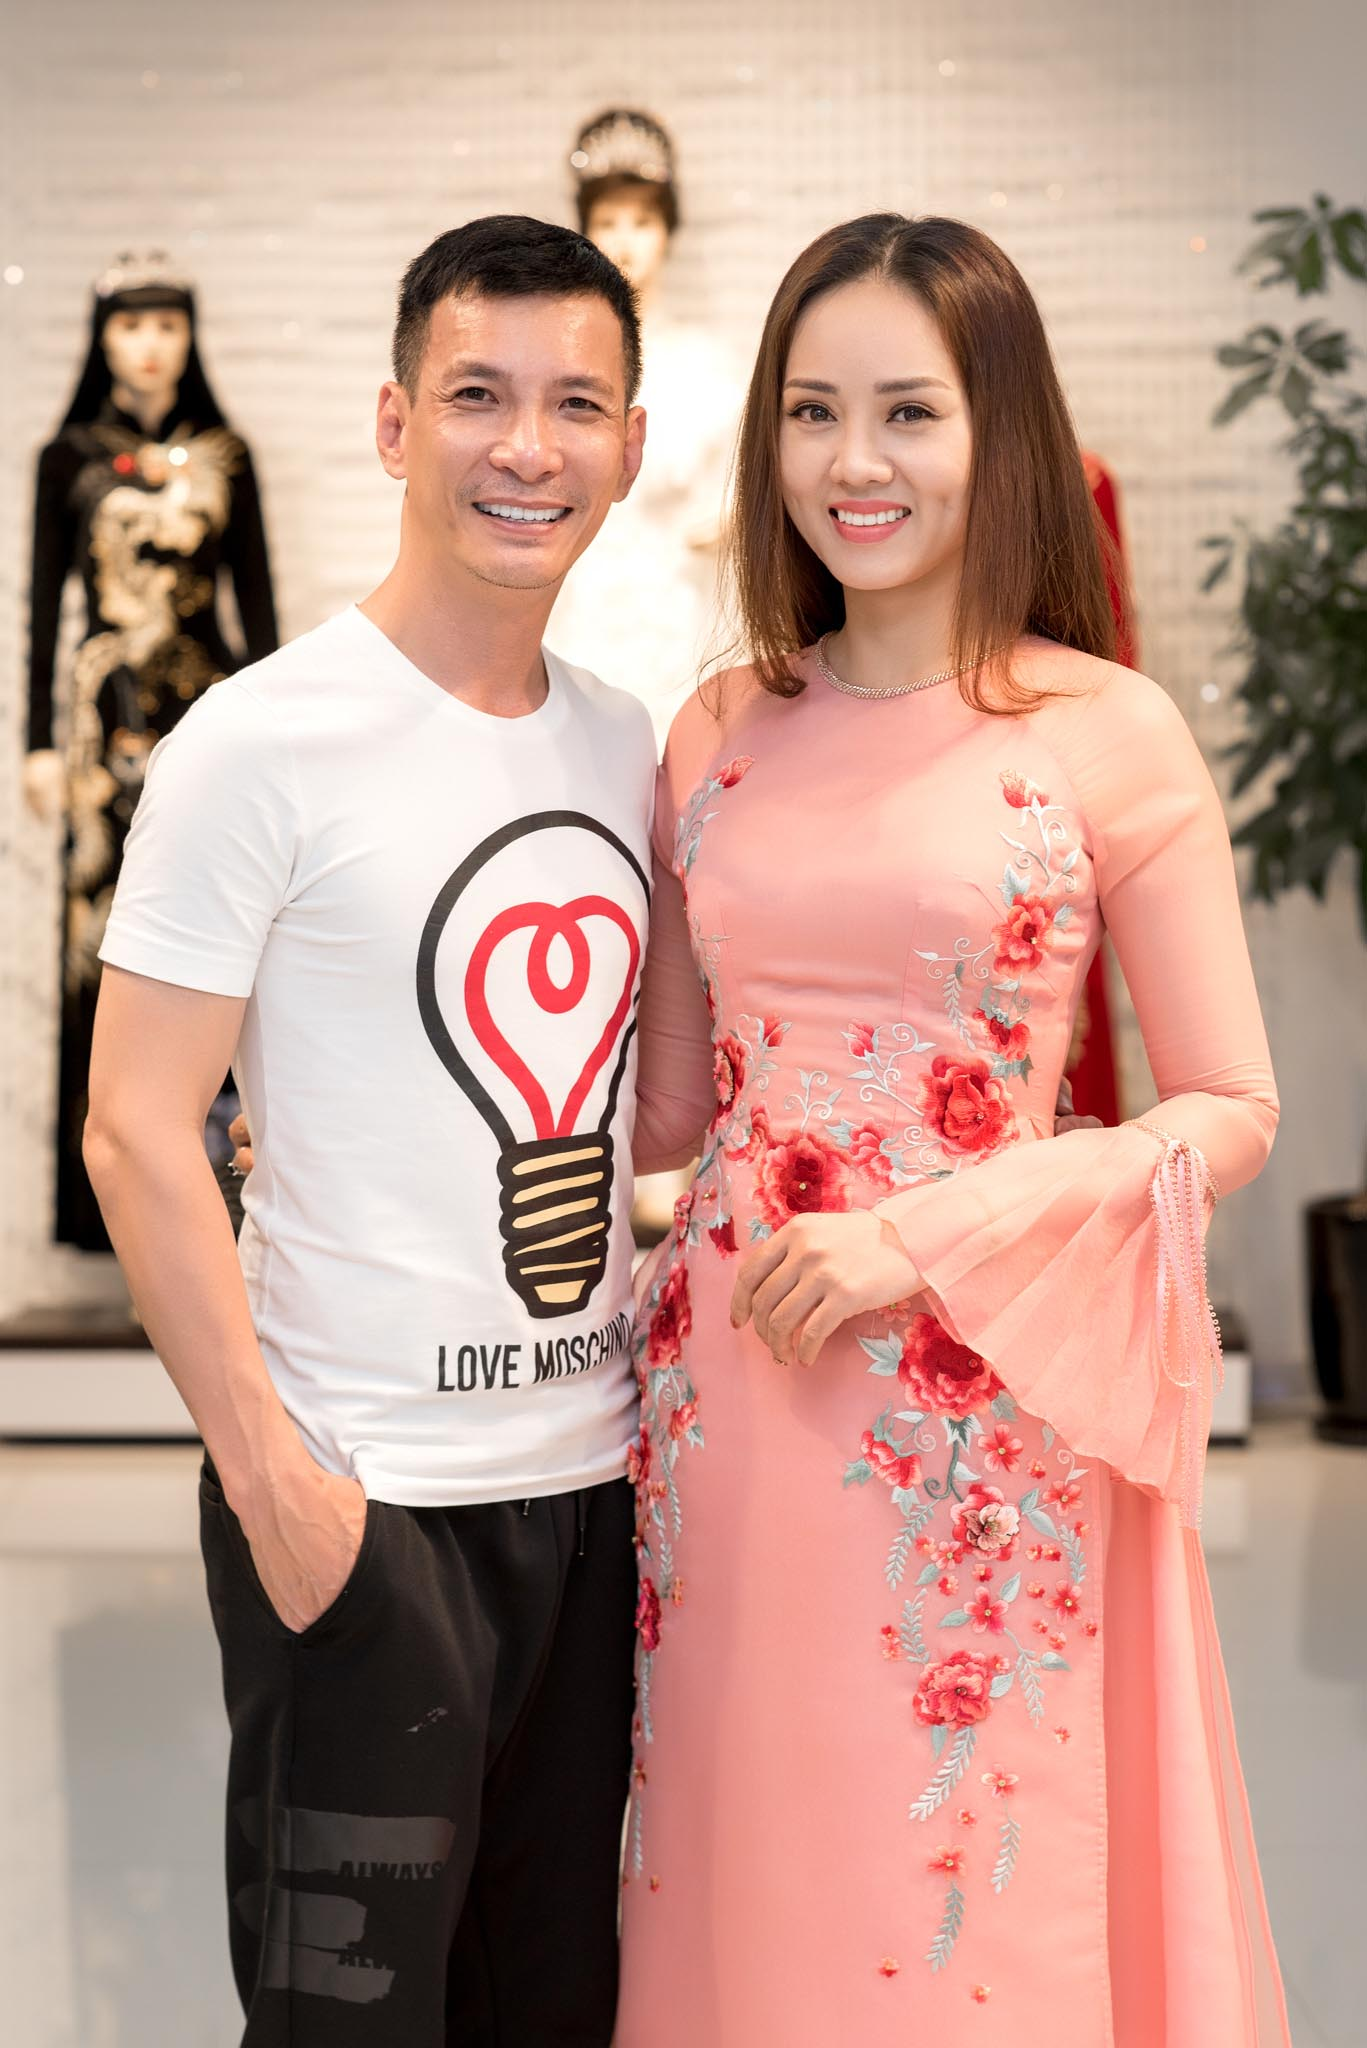 Ngọc Hà tiết lộ cô vốn có mối quan hệ thân thiết với chuyên gia make-up và nhà thiết kế Kenny Thái nên đã tới thử trang phục để chuẩn bị cho sự kiện thời trang sắp diễn ra của anh.